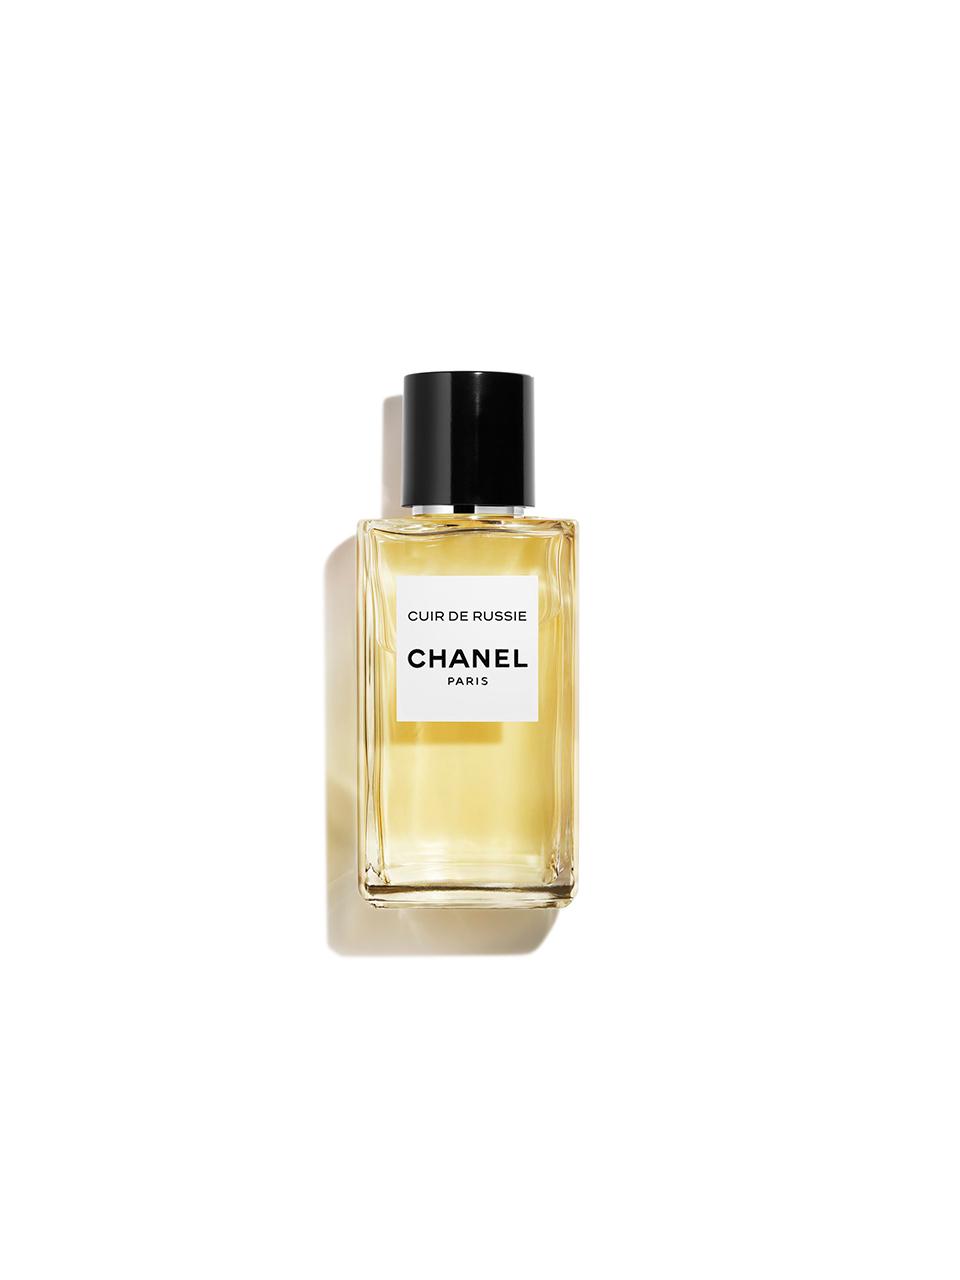 cuir-russie-chanel-parfum